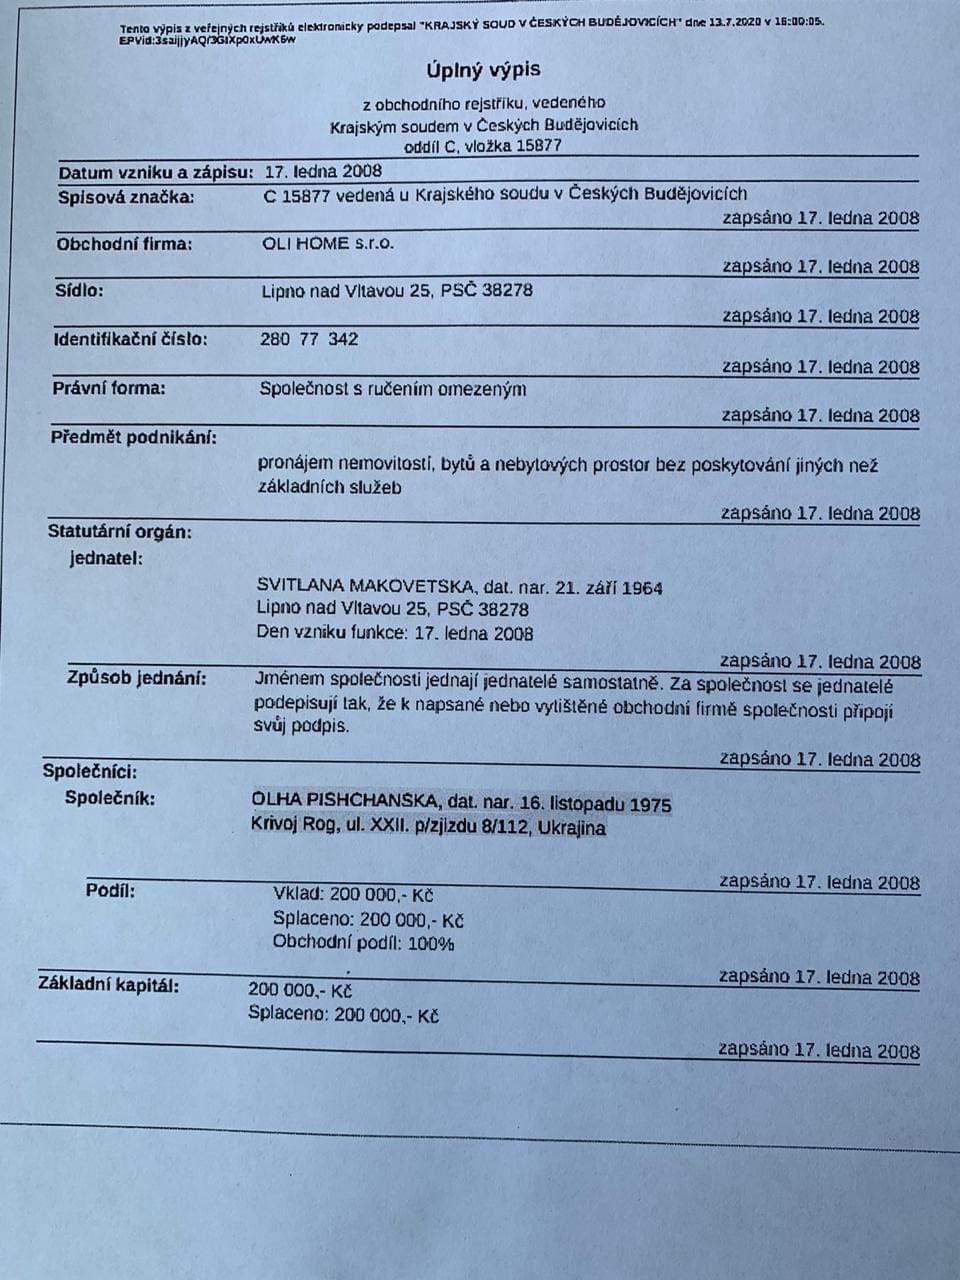 Голобуцкий опубликовал данные о собственности Пищанской в Чехии.